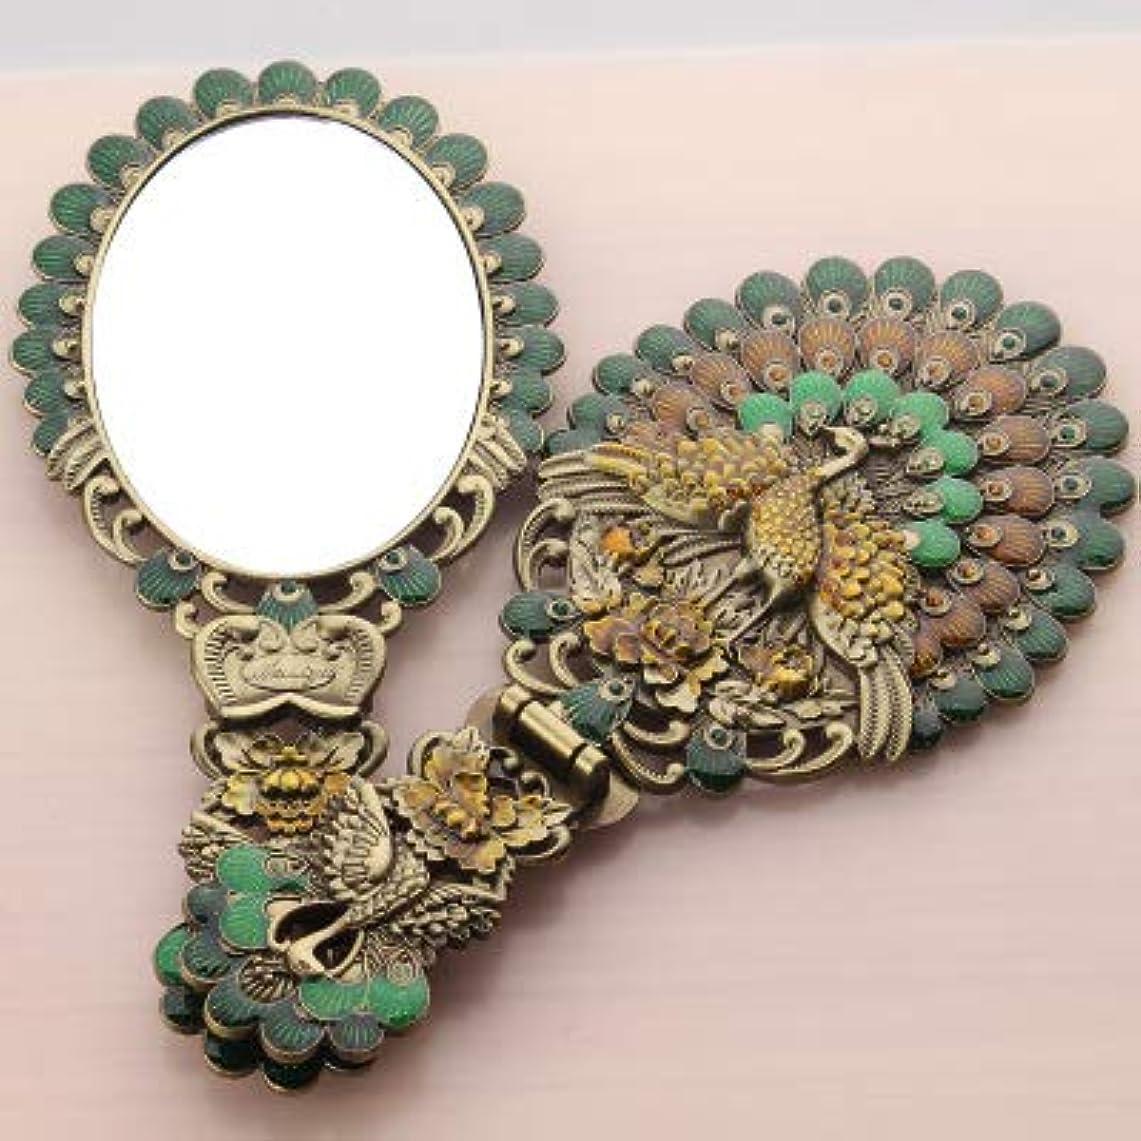 契約した連邦シフトAZure アンティーク風 手鏡 ミラー 孔雀 モチーフ 折り畳み インテリア 欧風 レトロ ヨーロッパ デザイン 古風